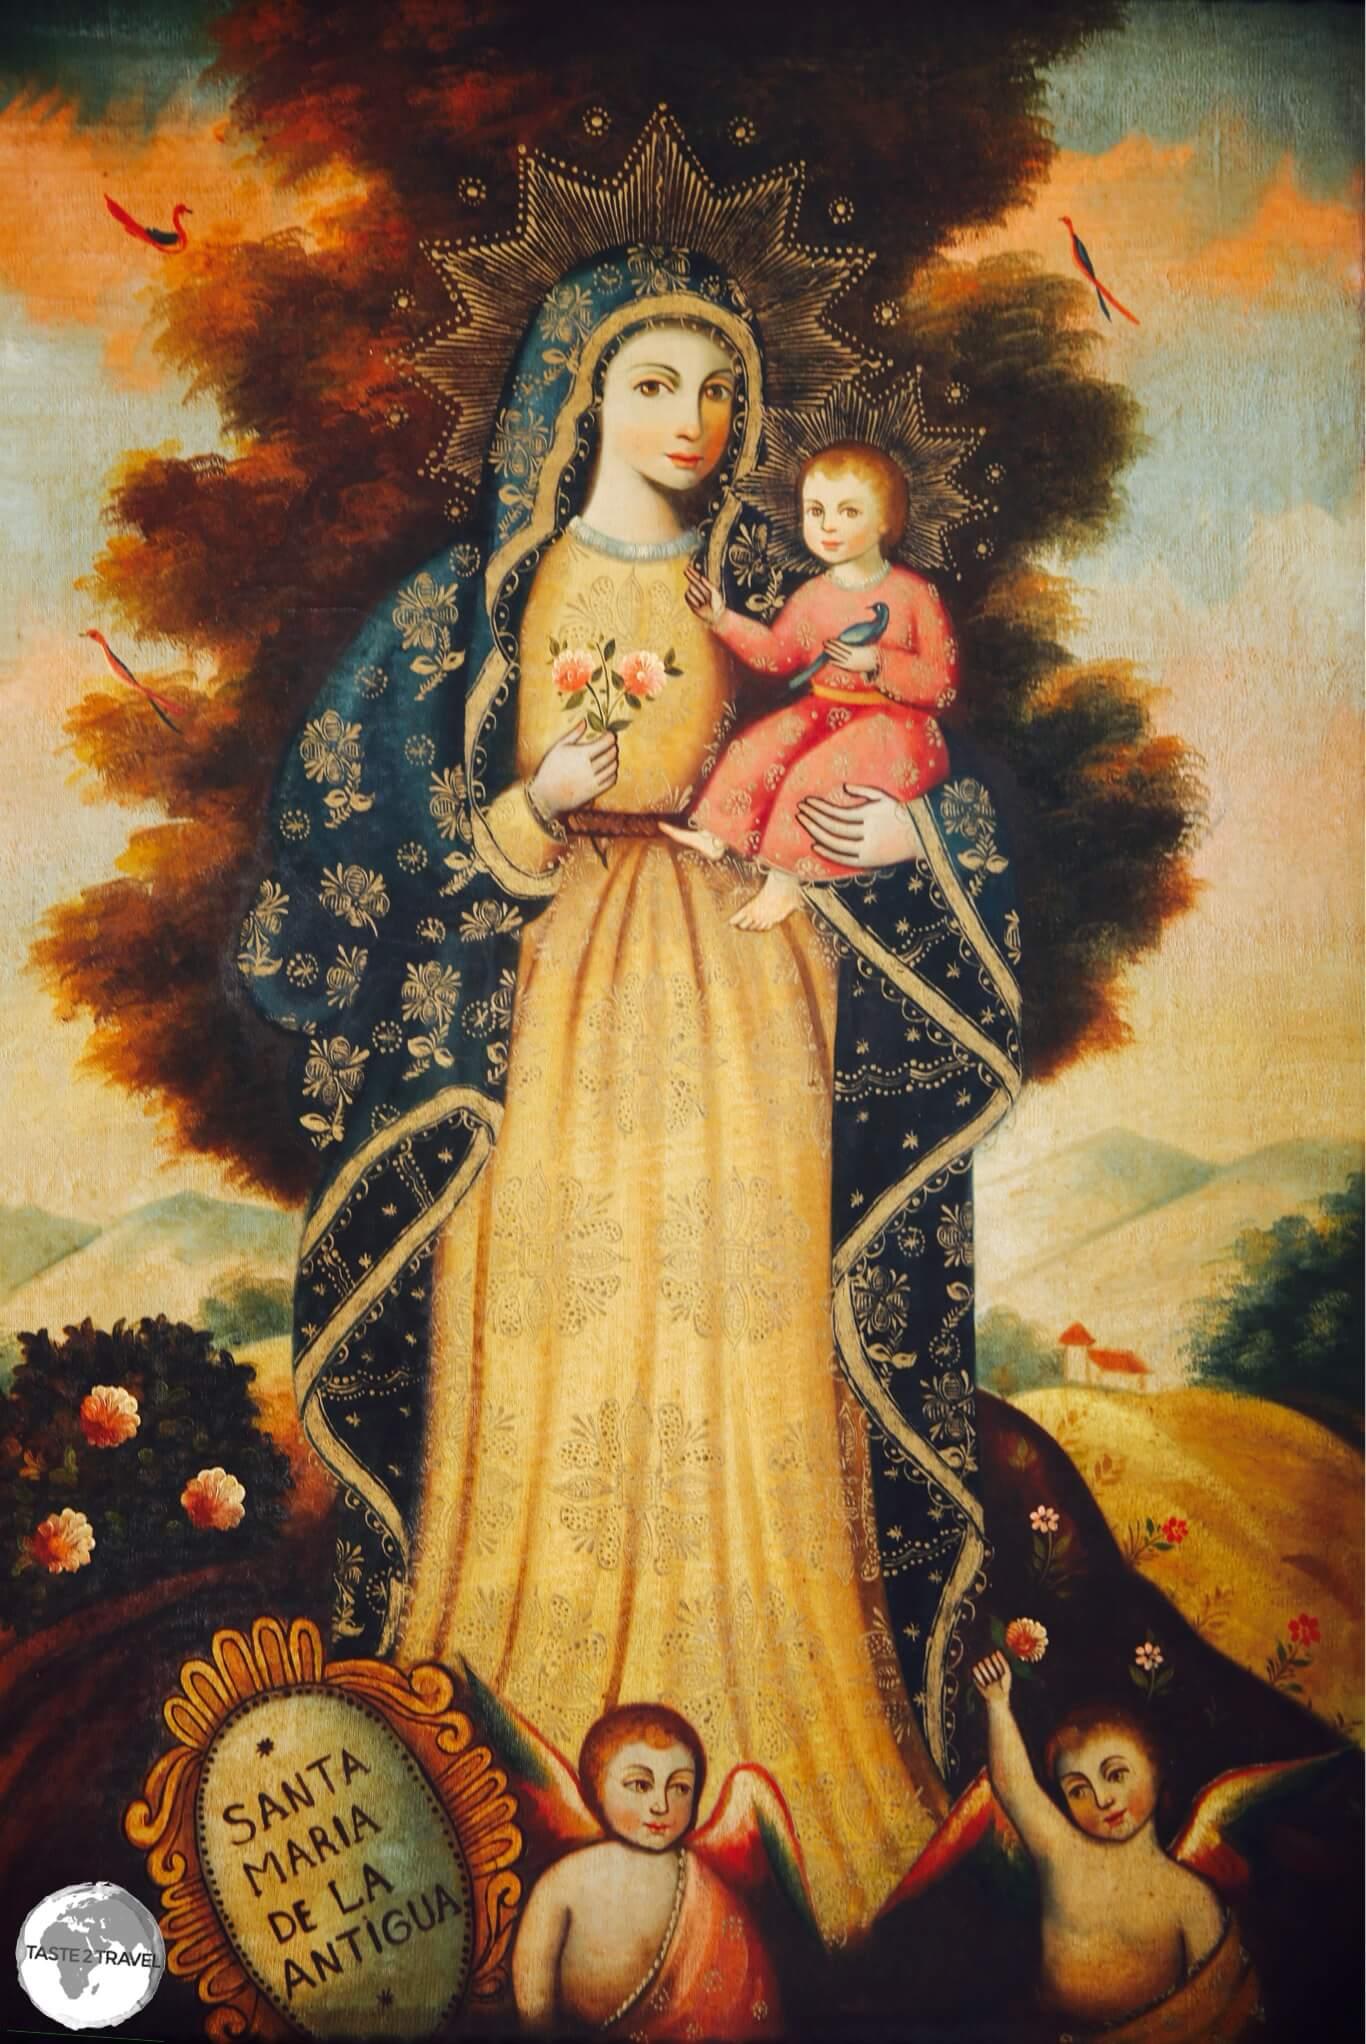 Antique Spanish religious art in the Casco Antiguo, Panama City.